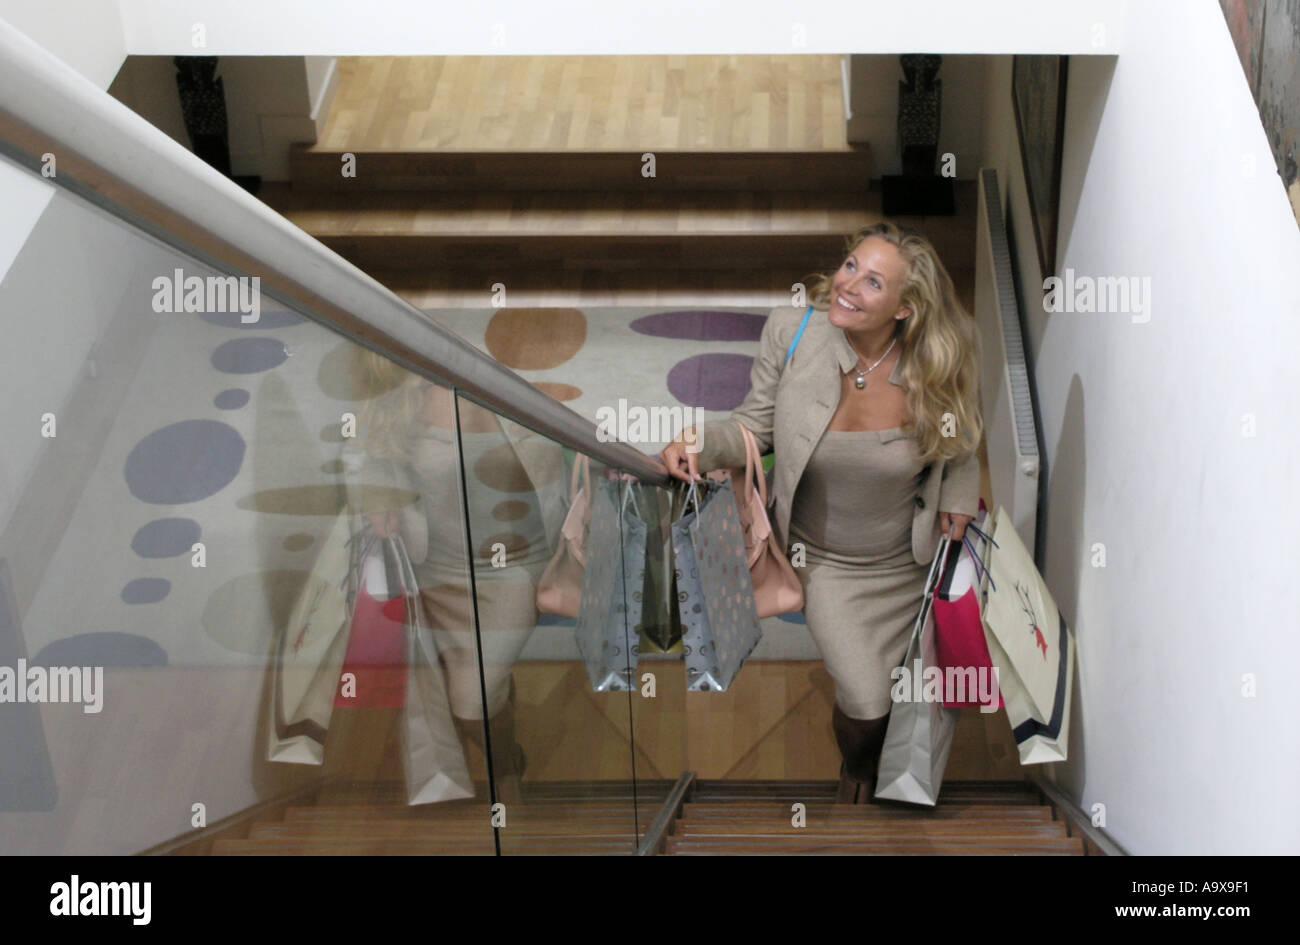 wohlhabende Frau dreißiger Jahre aufsteigende Treppe mit ihren Einkaufstüten lächelnd Stockbild